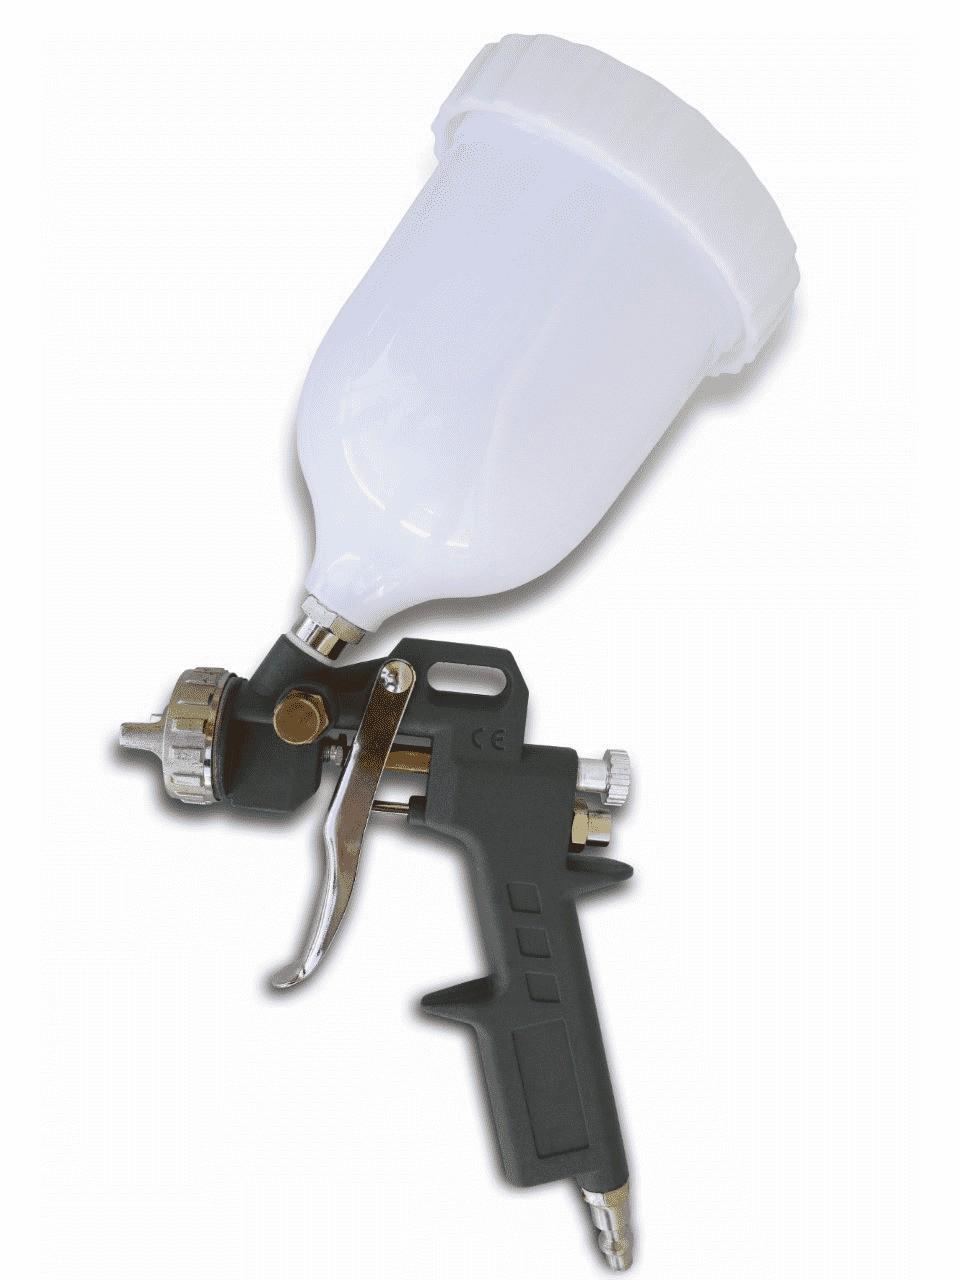 Pistola Convencional Média Produção P162 Intech Machine